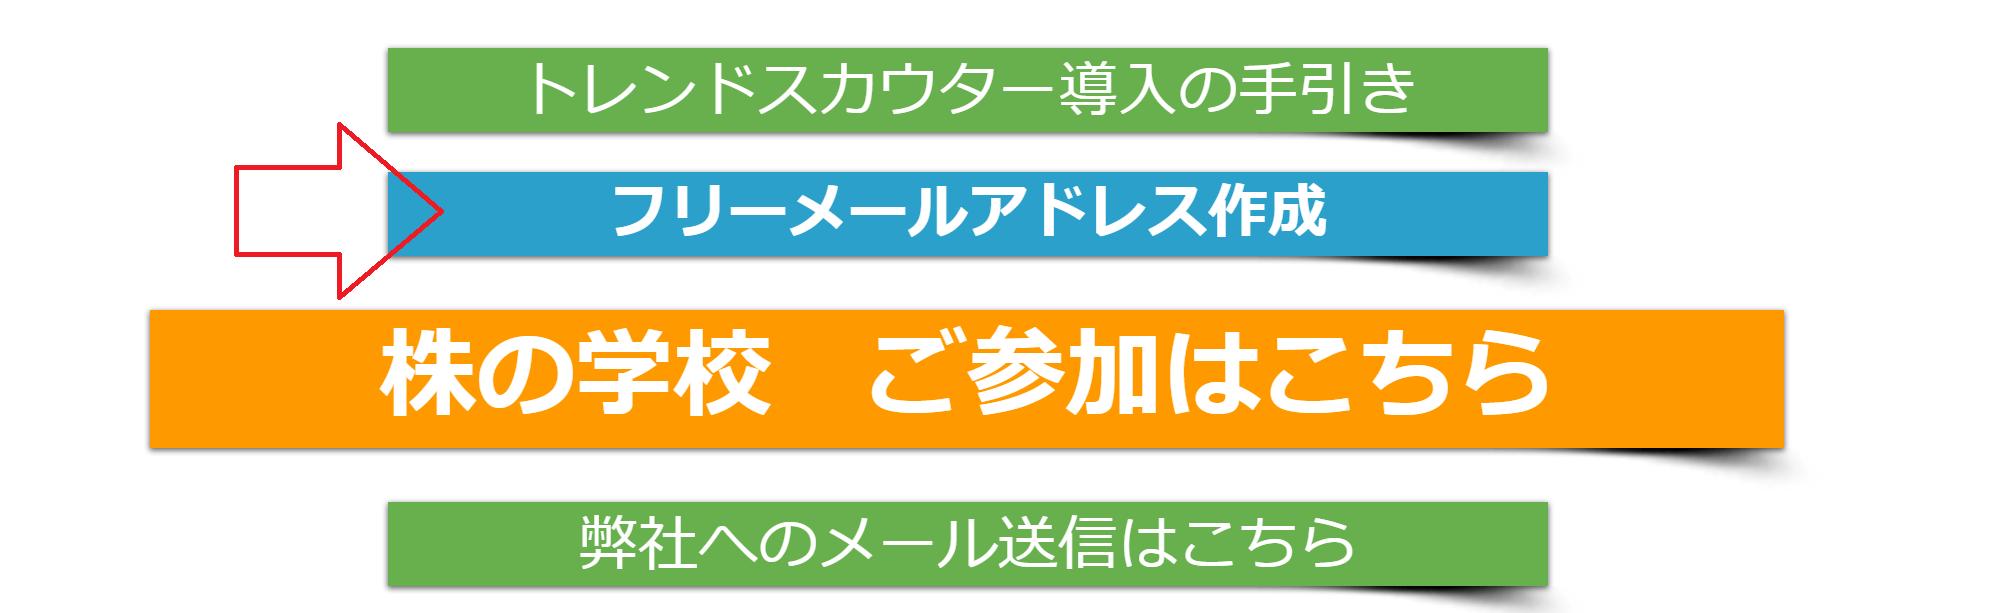 日本投資機構株式会社の銘柄詳細